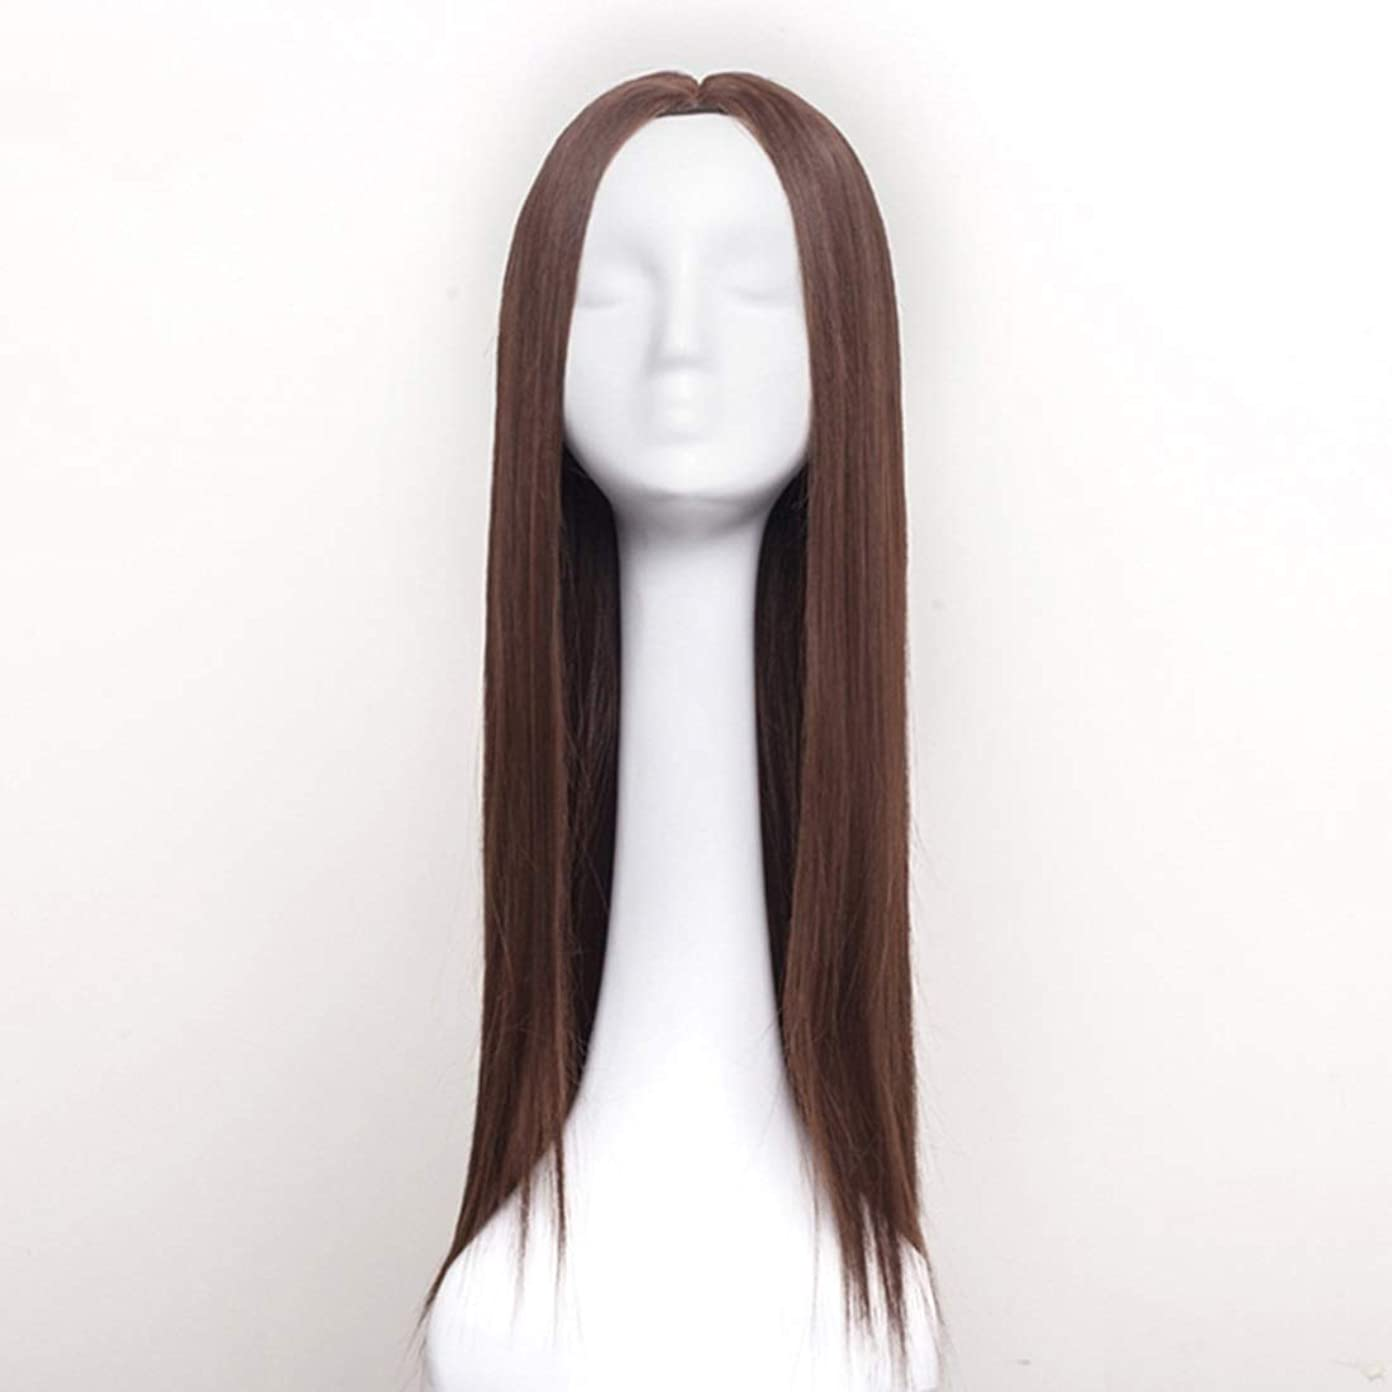 隔離彫刻家早めるSummerys 女性のための合成かつら自然に見えるロングストレート波状なしレース耐熱交換かつら (Color : Light Brown)